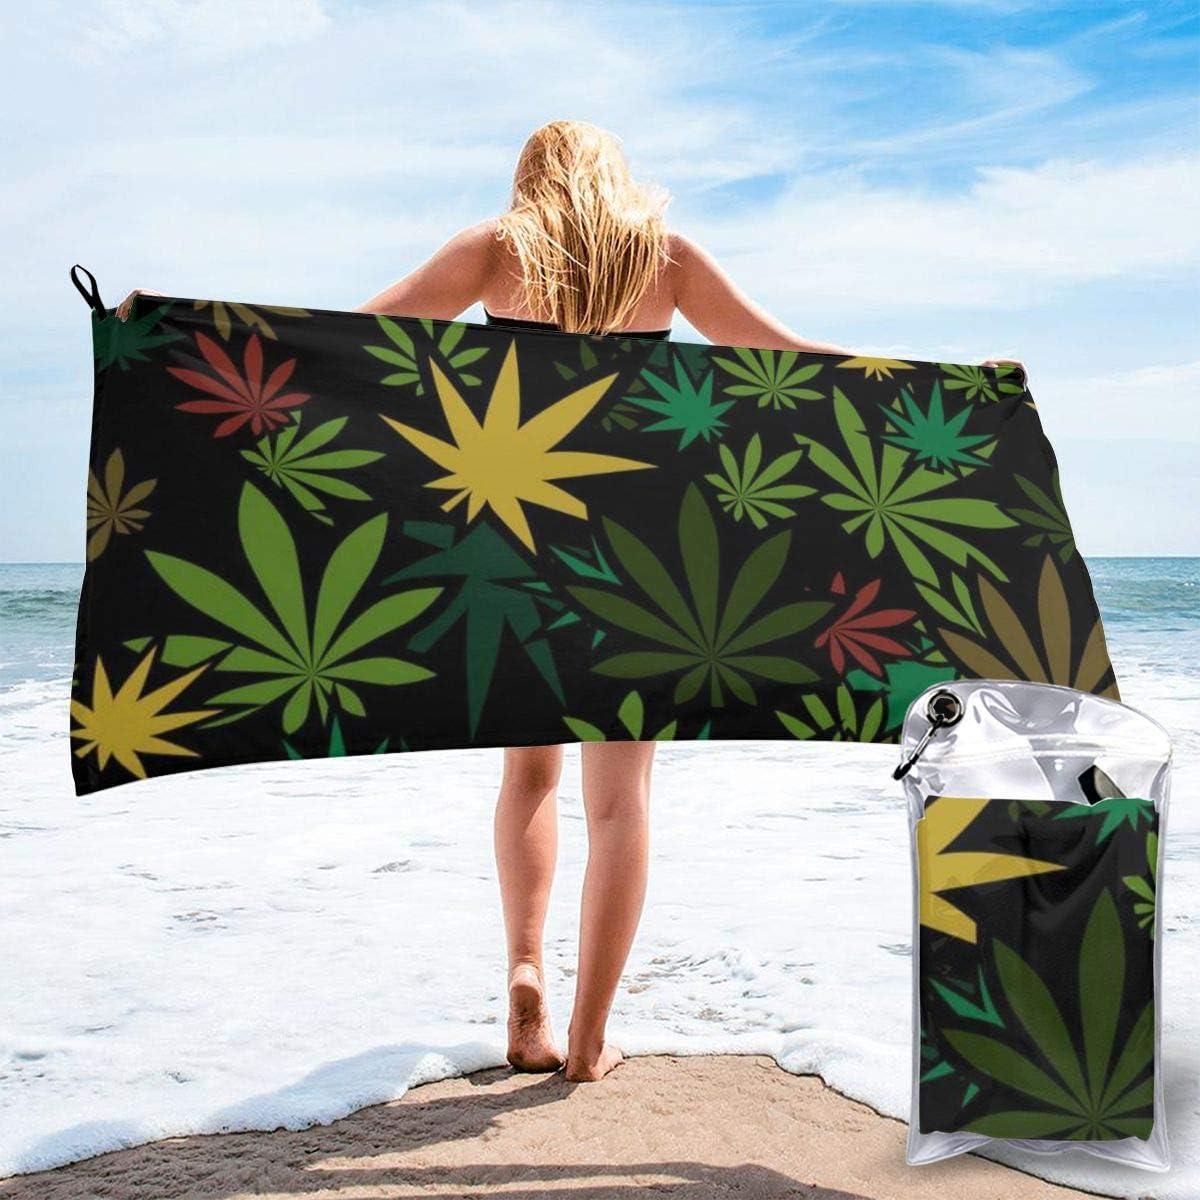 Nonebrand - Toalla de baño de microfibra de secado rápido para marihuana y cannabis (tamaño grande, ideal para camping, gimnasio, playa, natación, senderismo y yoga)